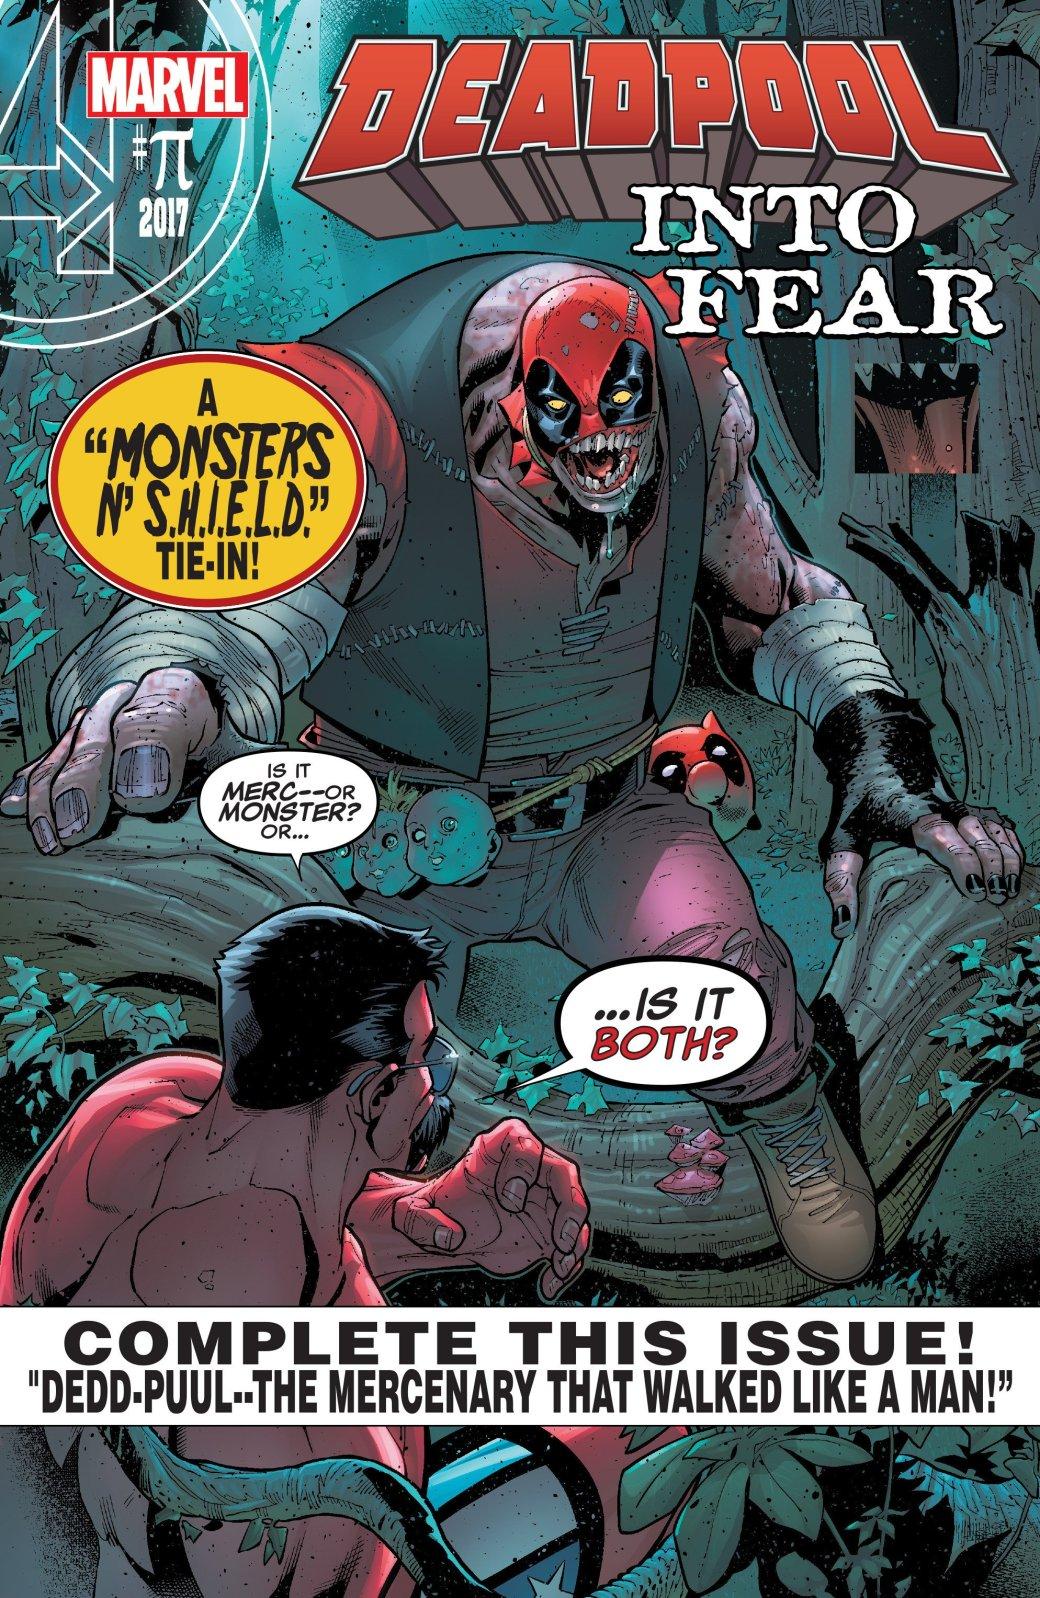 Дэдпул ненадолго превратился в Халка в новом номере U.S.Avengers - Изображение 2